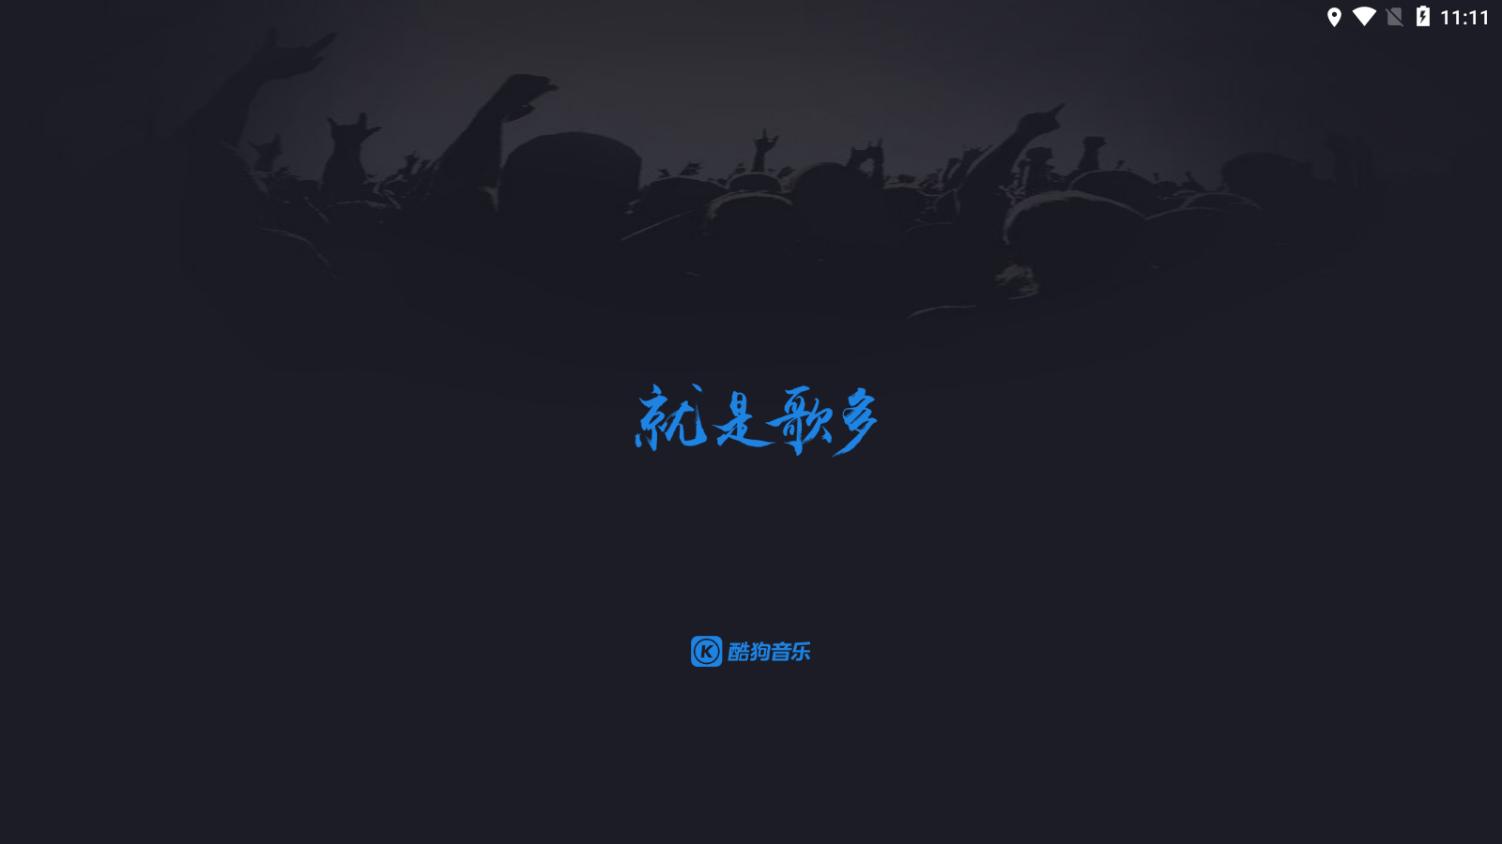 酷狗音乐车载版 V1.1.7 安卓最新版截图1